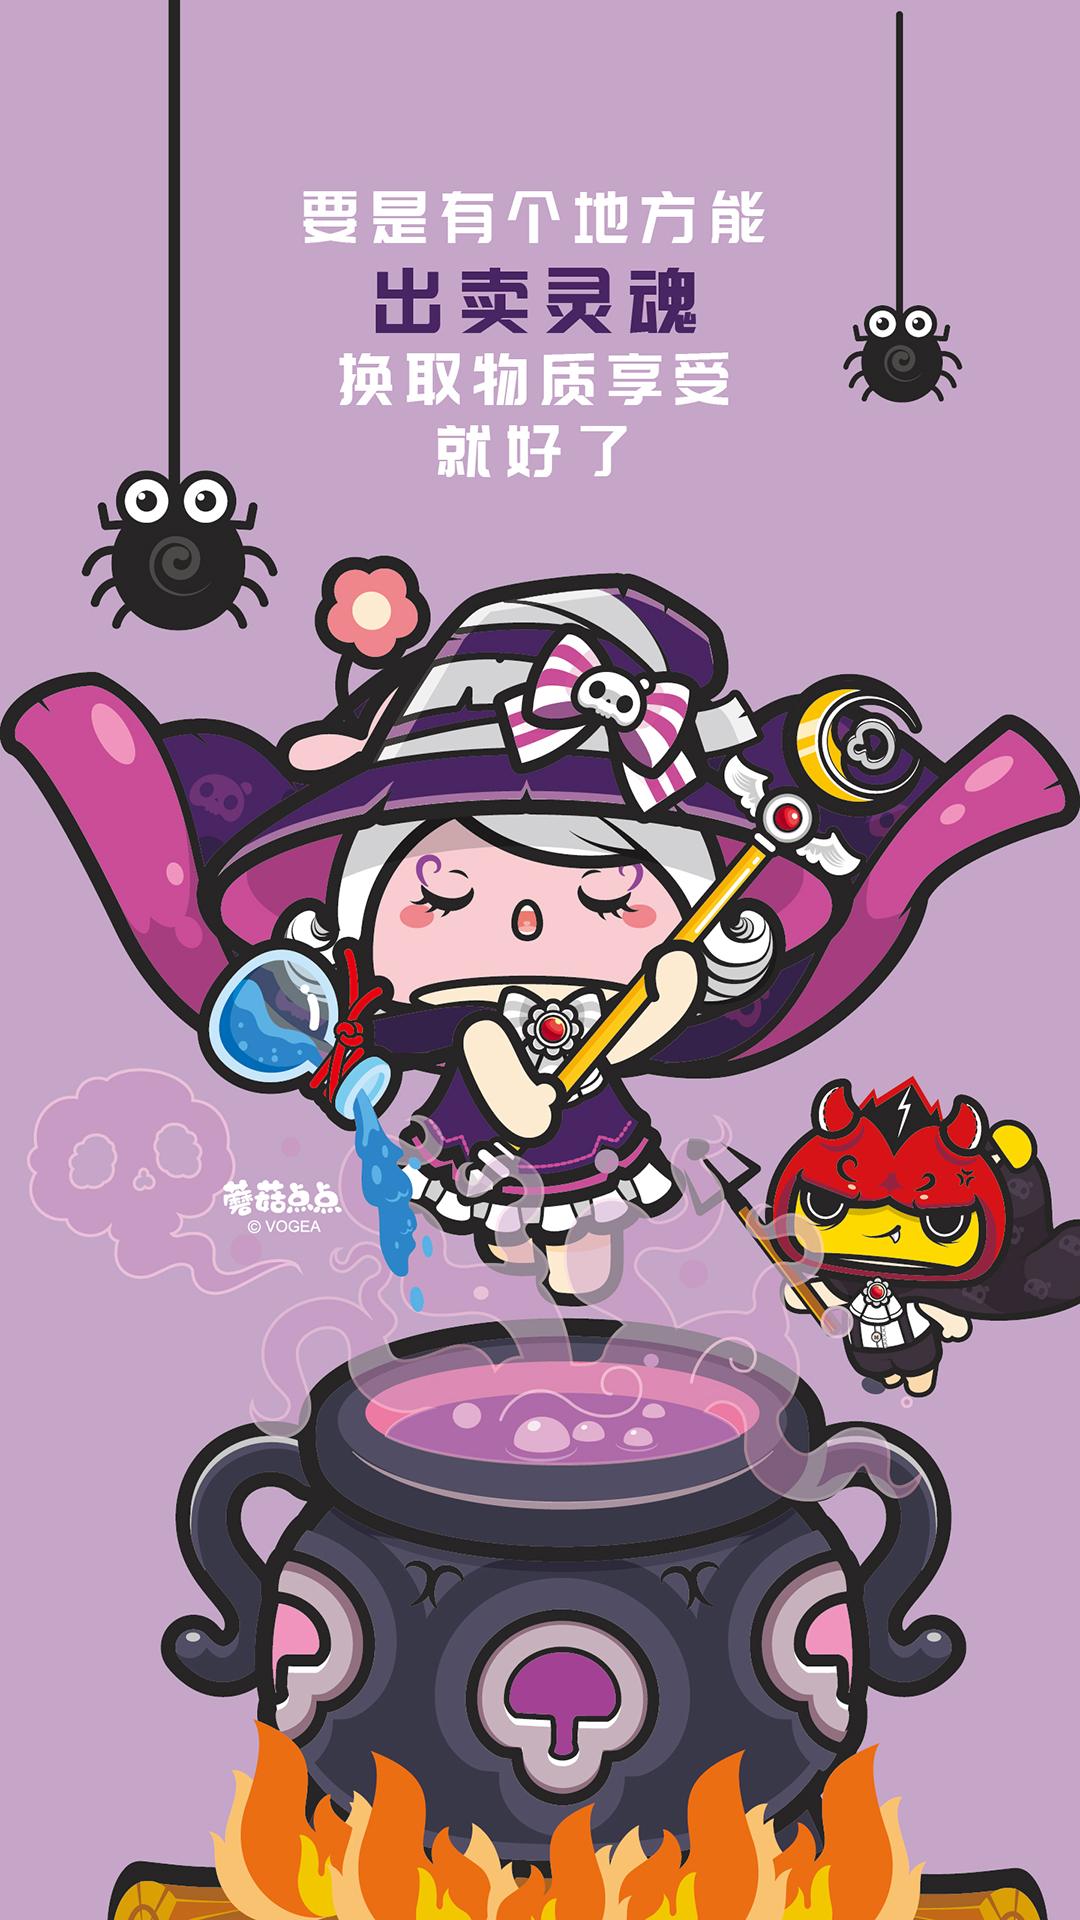 蘑菇点点暗黑童话风格手机壁纸